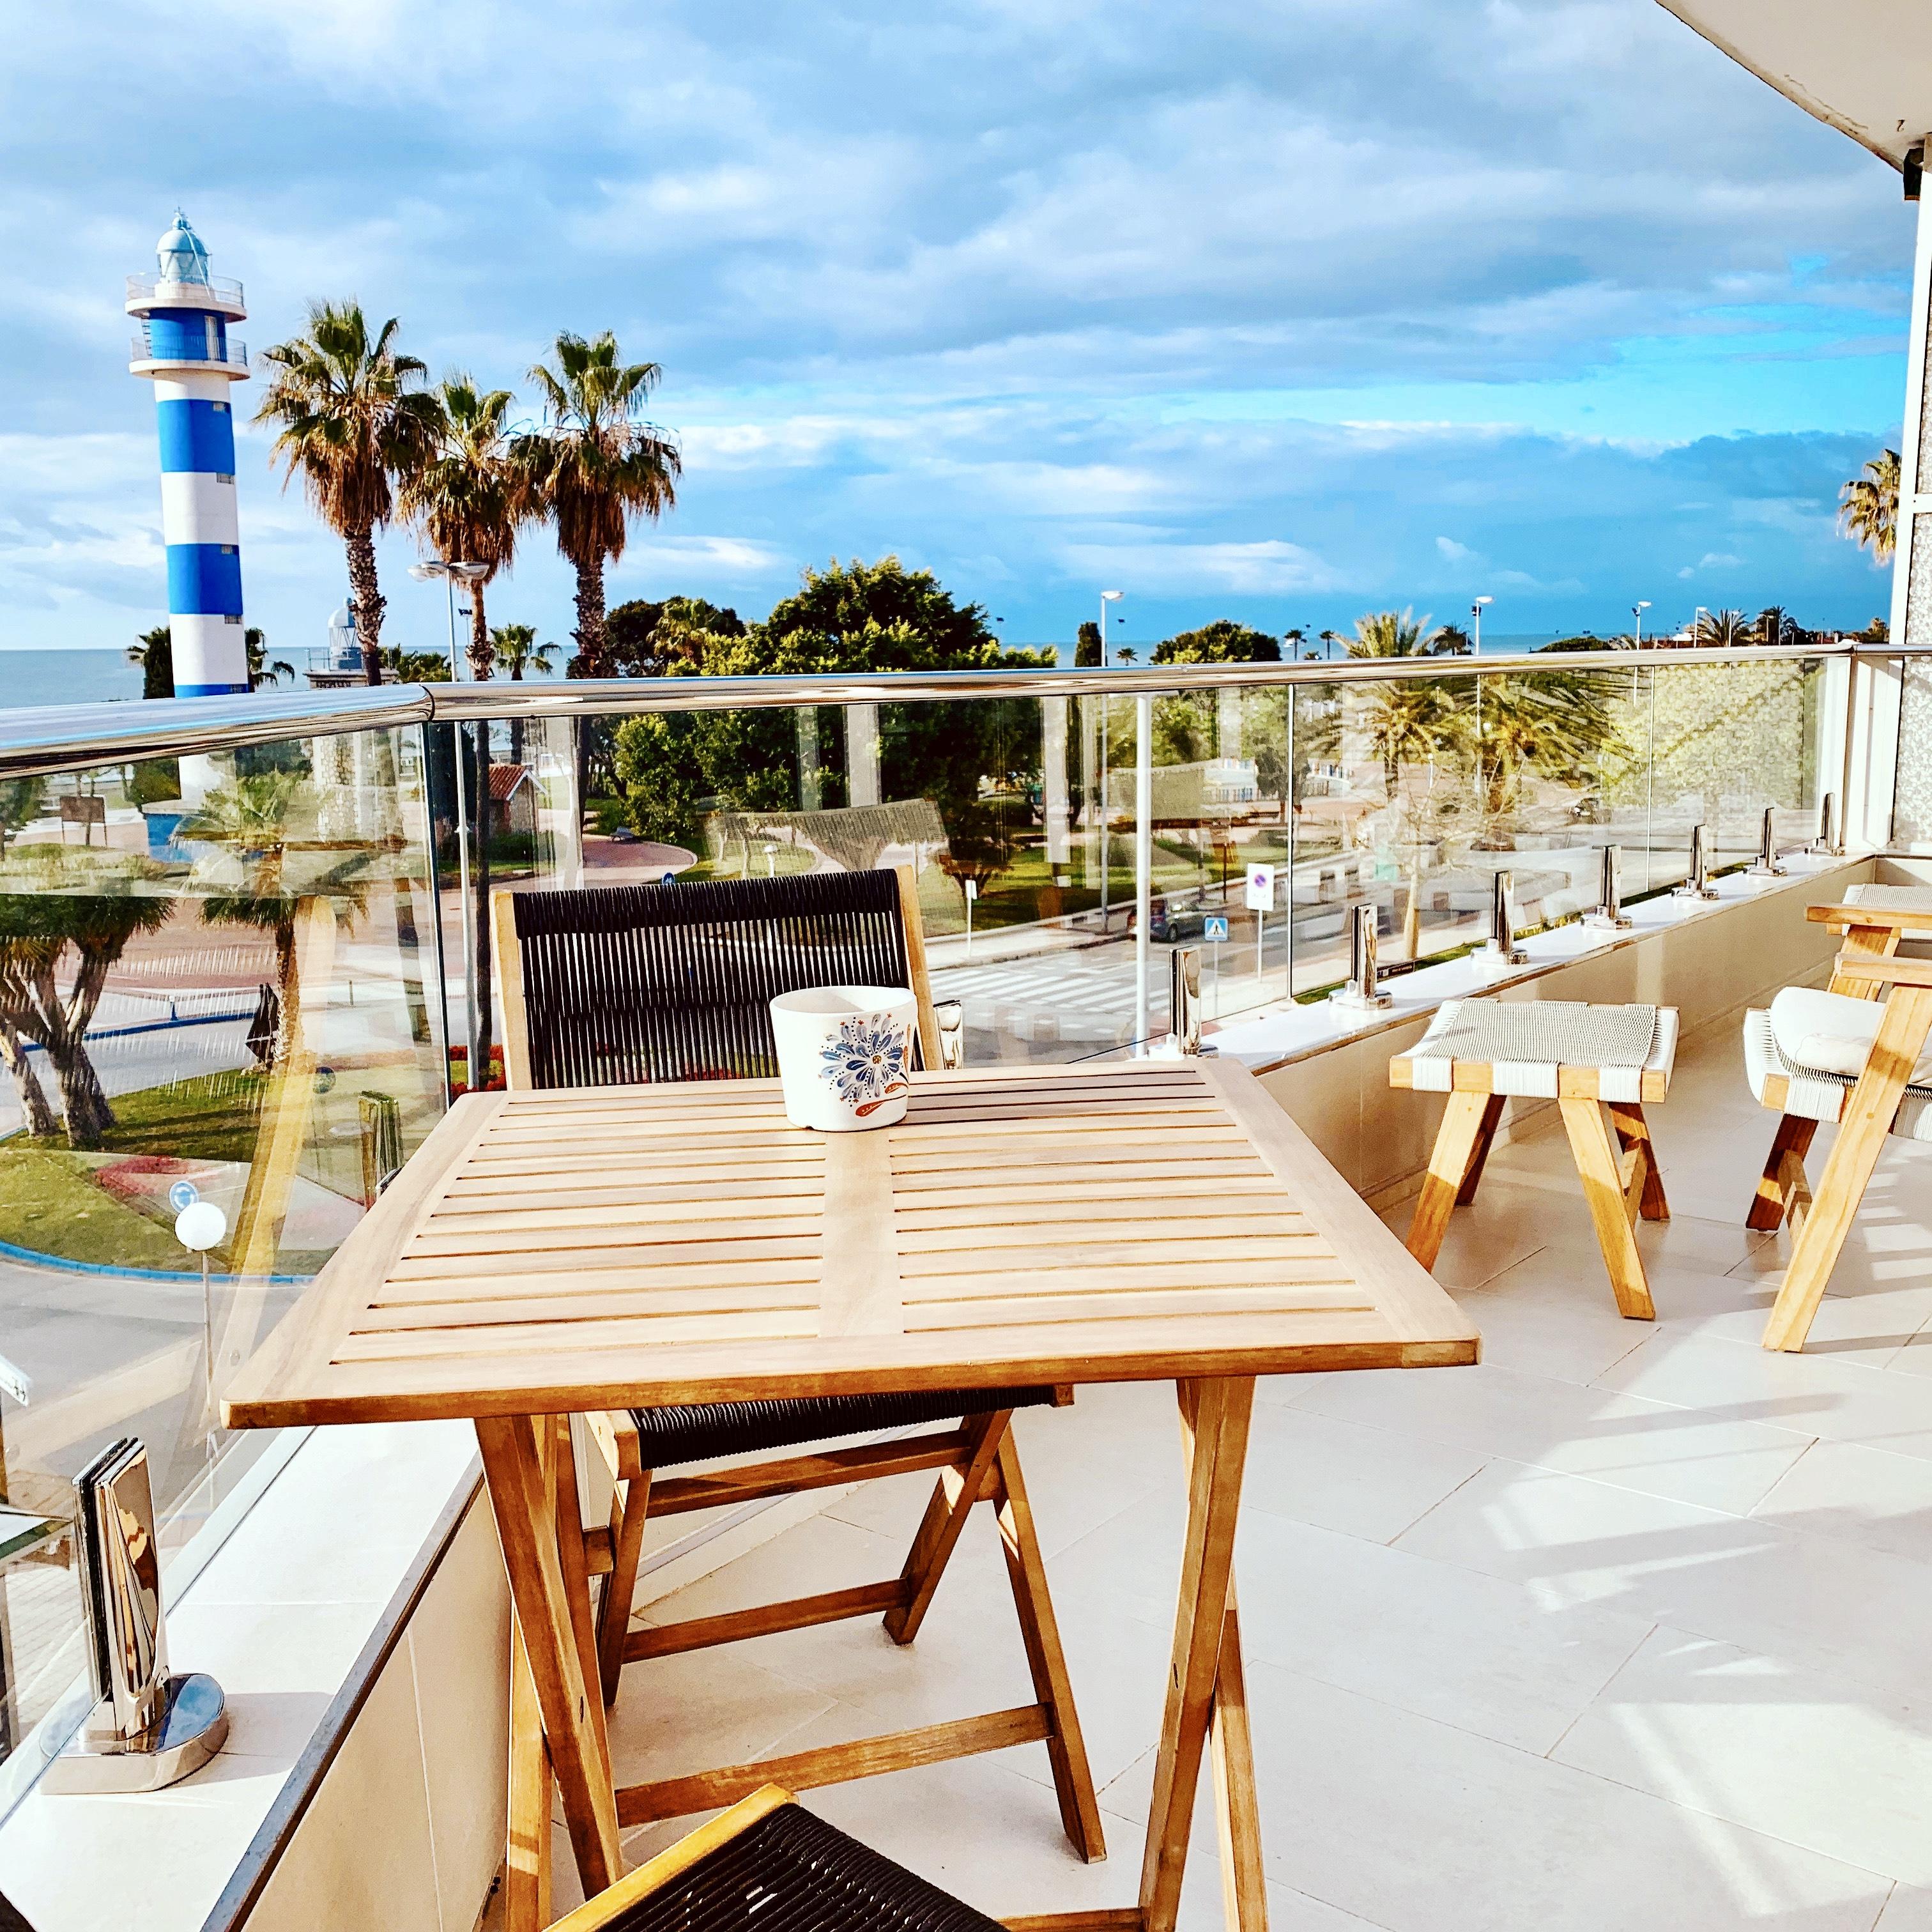 Terrass med litet matbord, sköna stolar